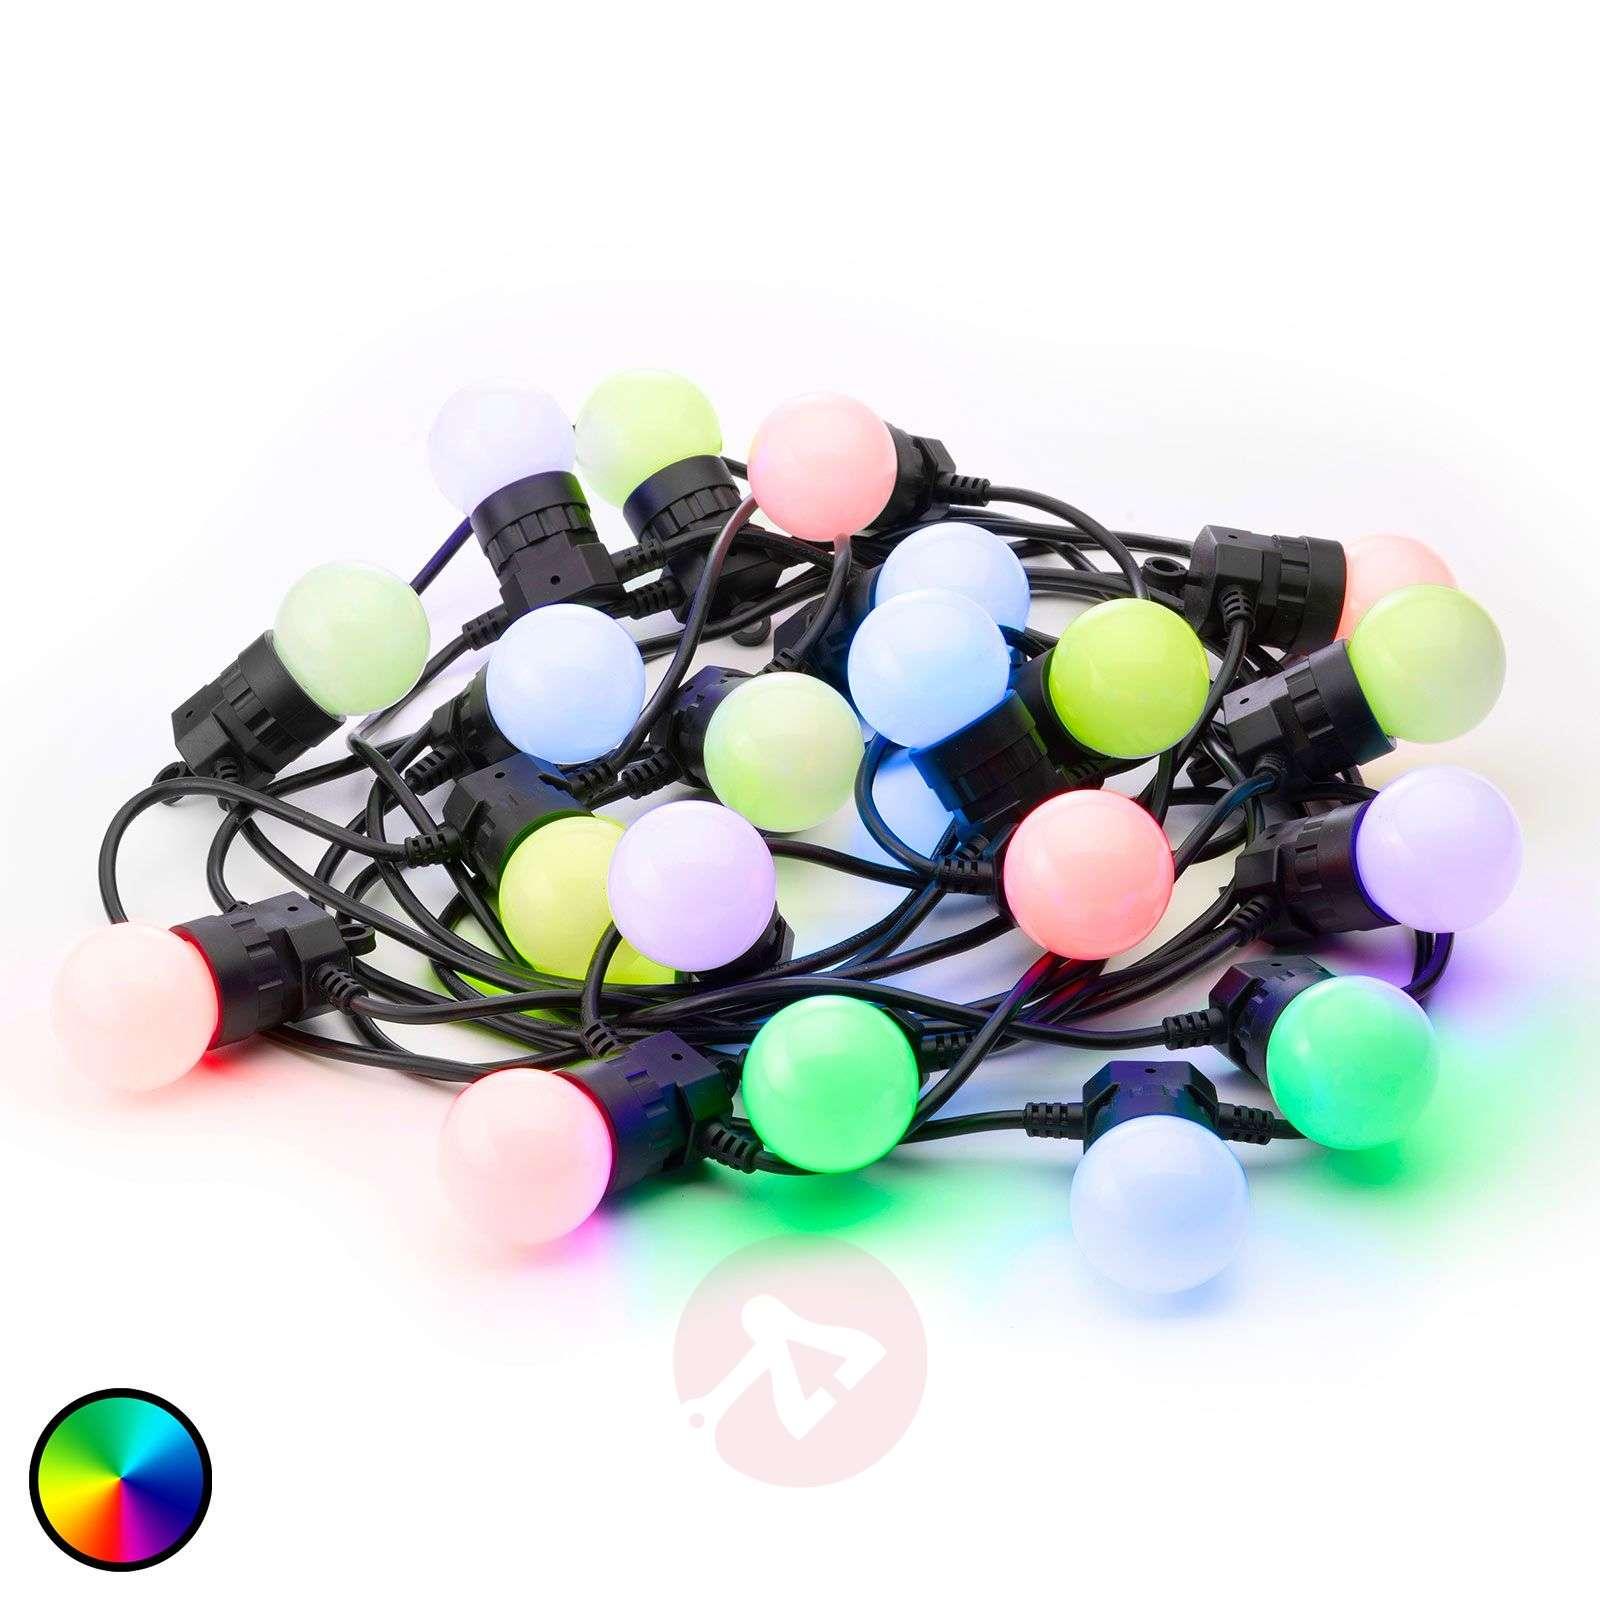 LED-party-valoketju Twinkly Festoon-laajennus-6102026-01